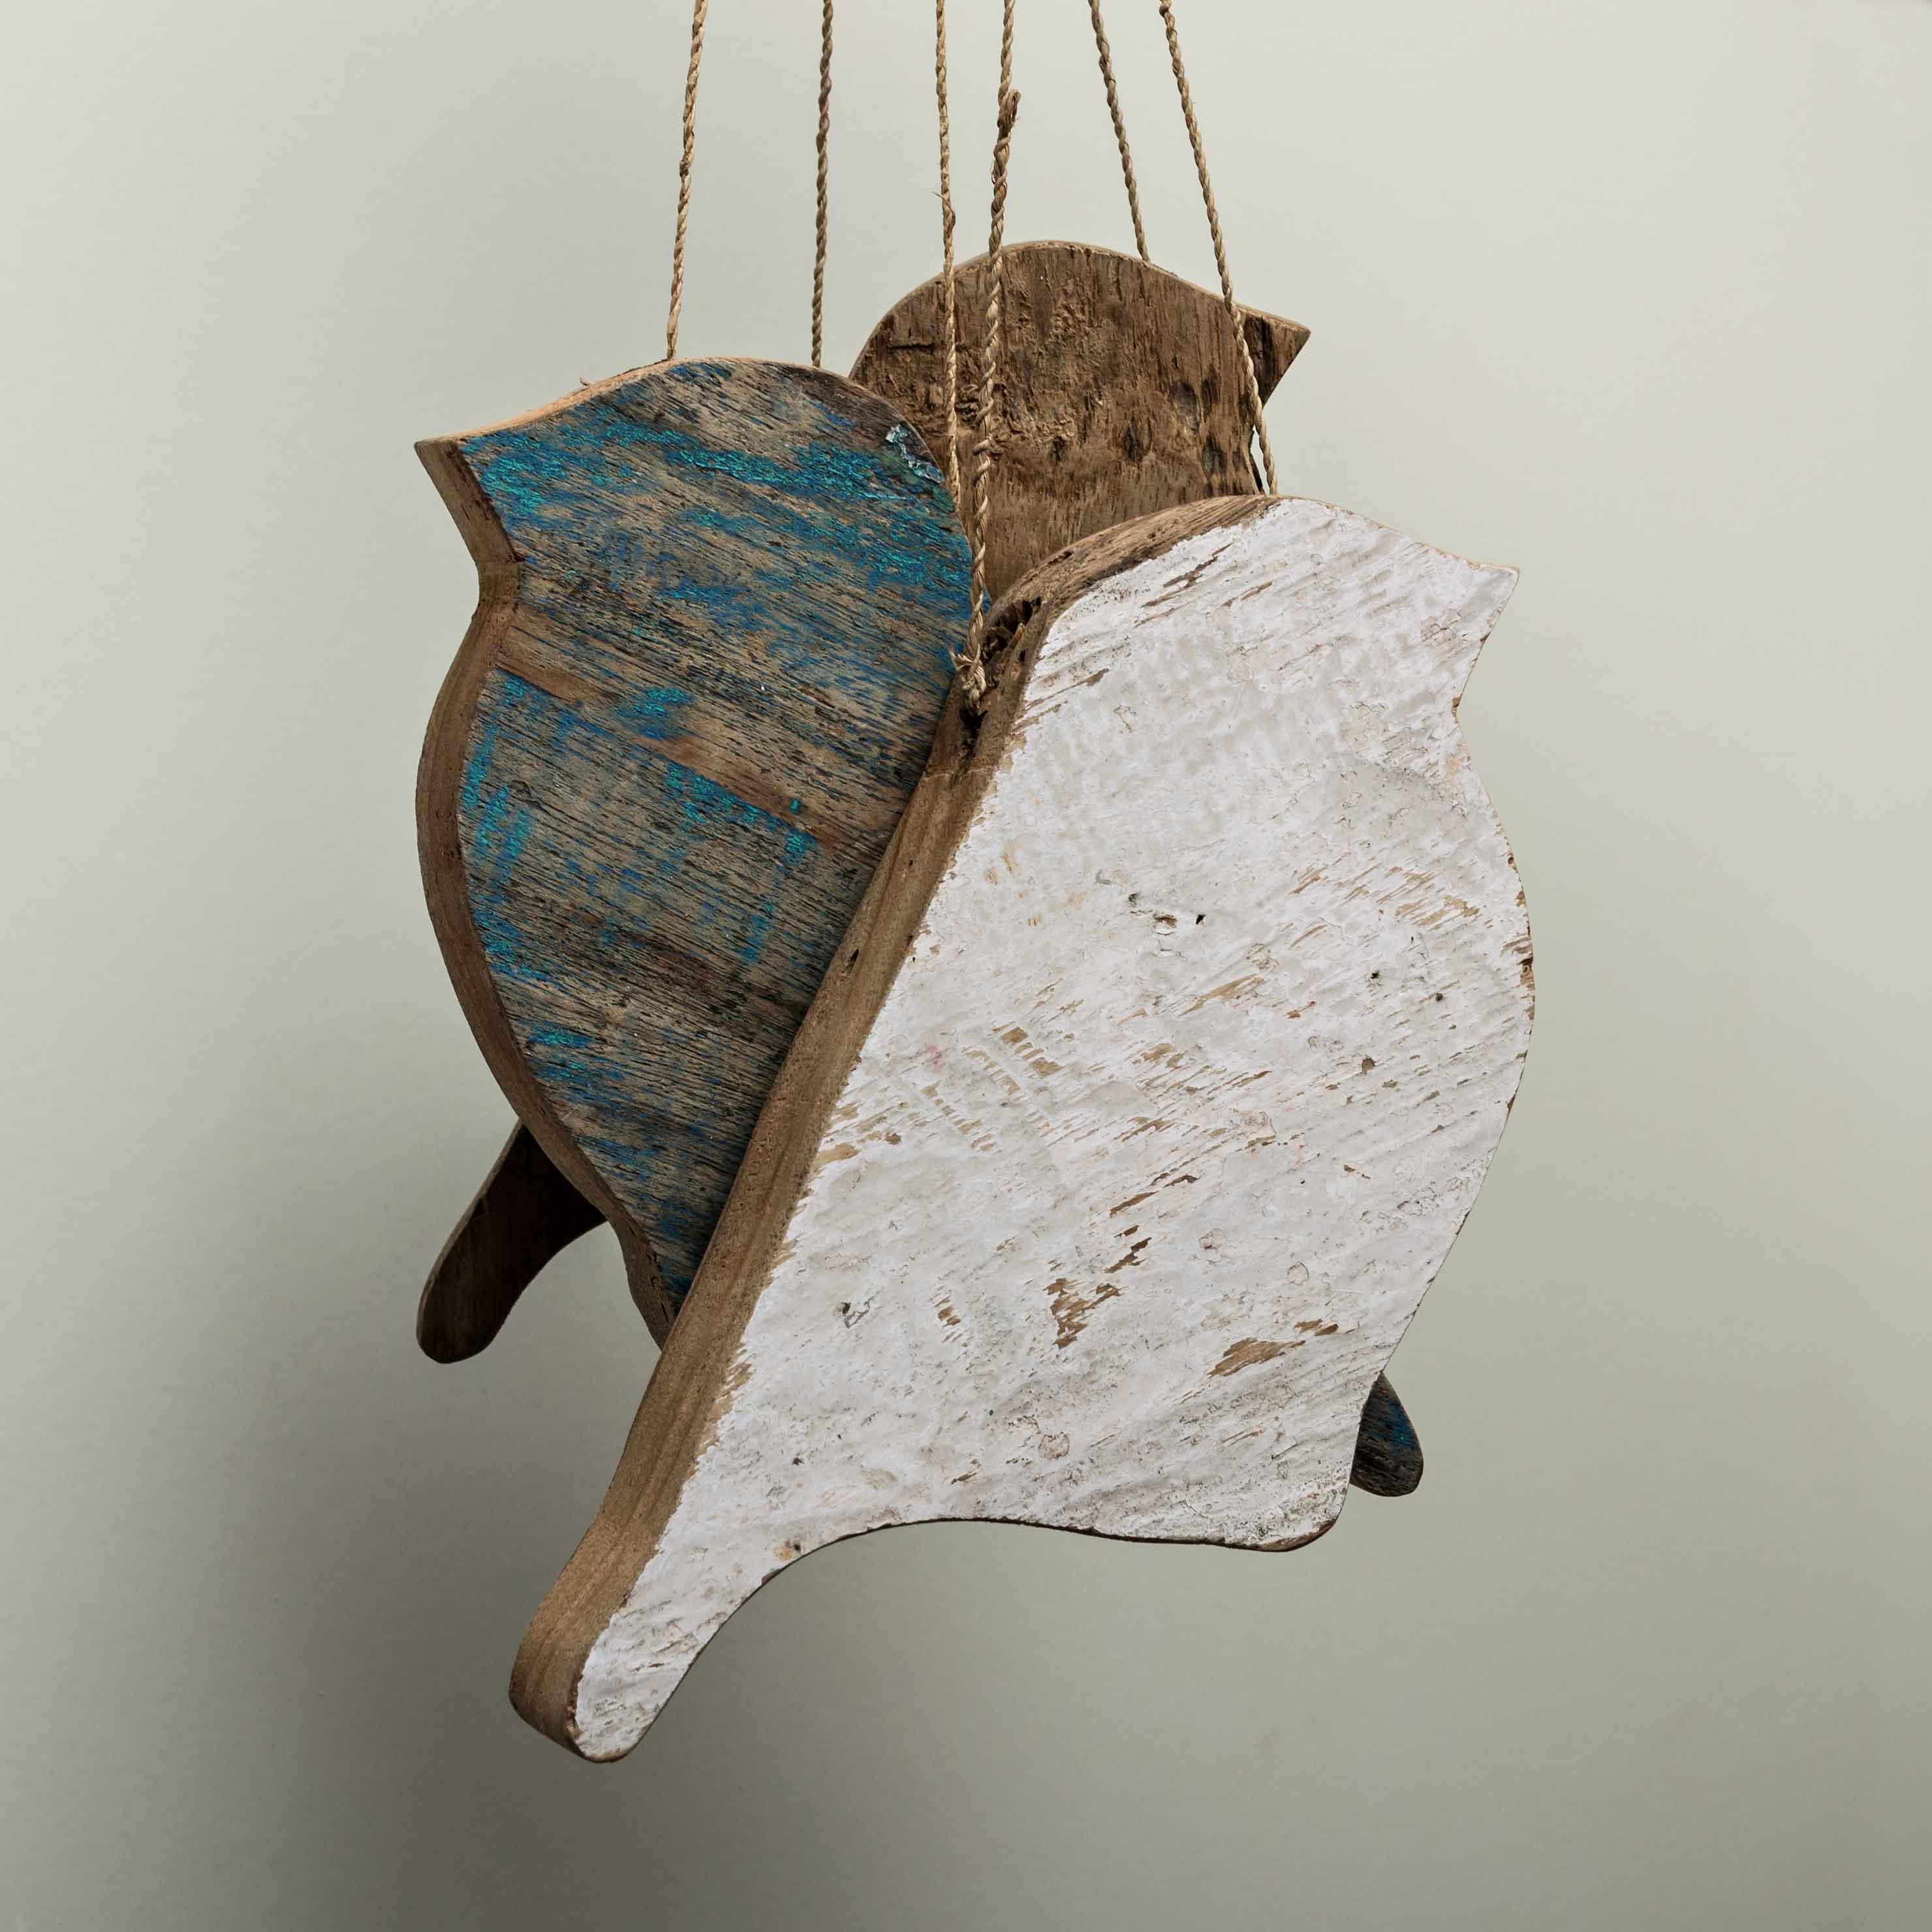 En vuelo, (dorso), pintura acrílica sobre madera, 20 x 10 x 3cm,_2012